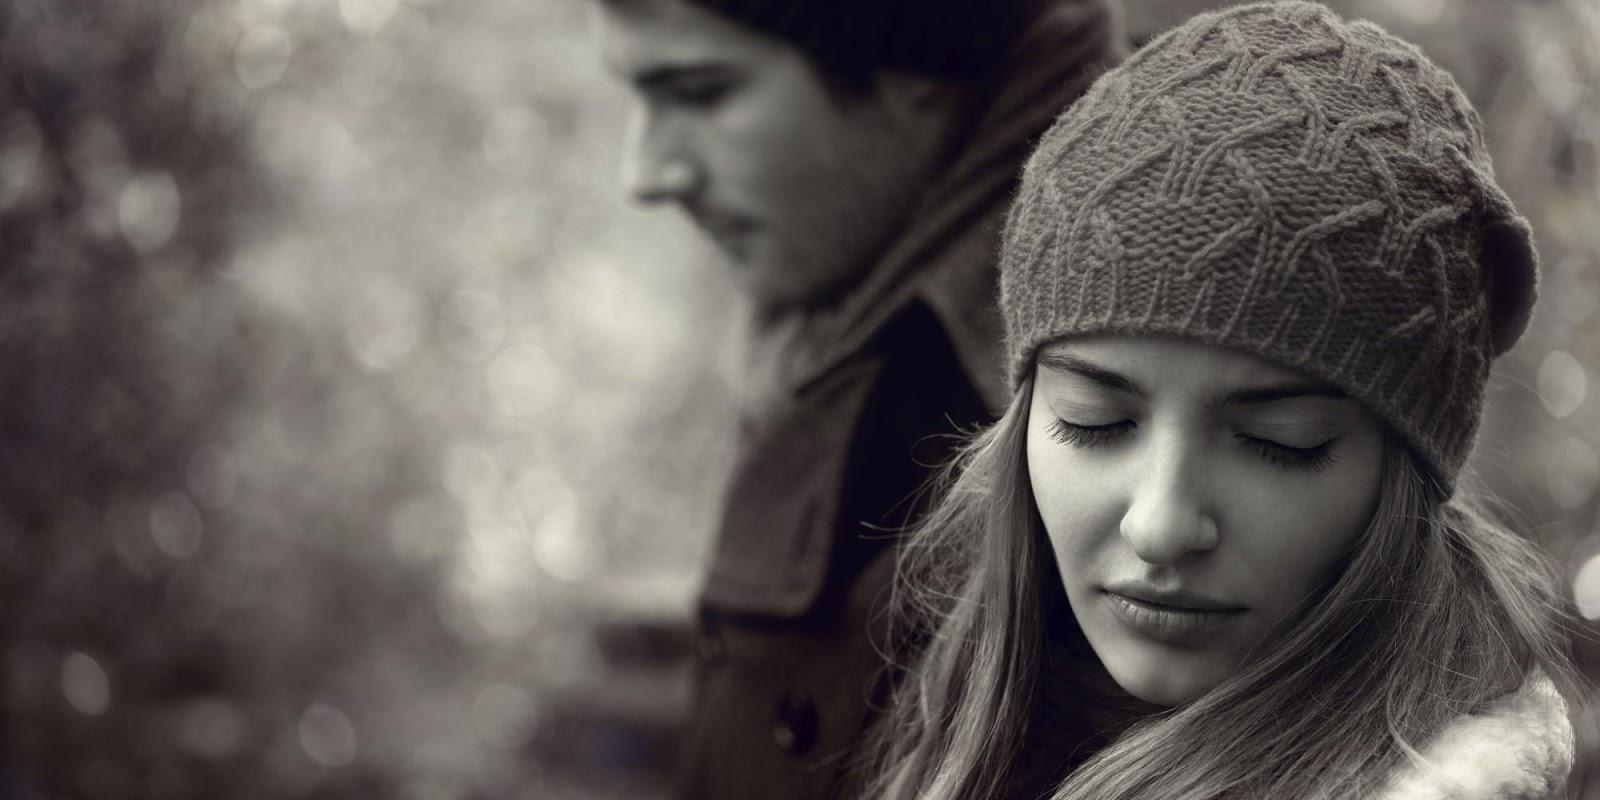 بالصور صور بنات حزين , شاهد اروع صور البنات الجميلة والحزينة 11478 19